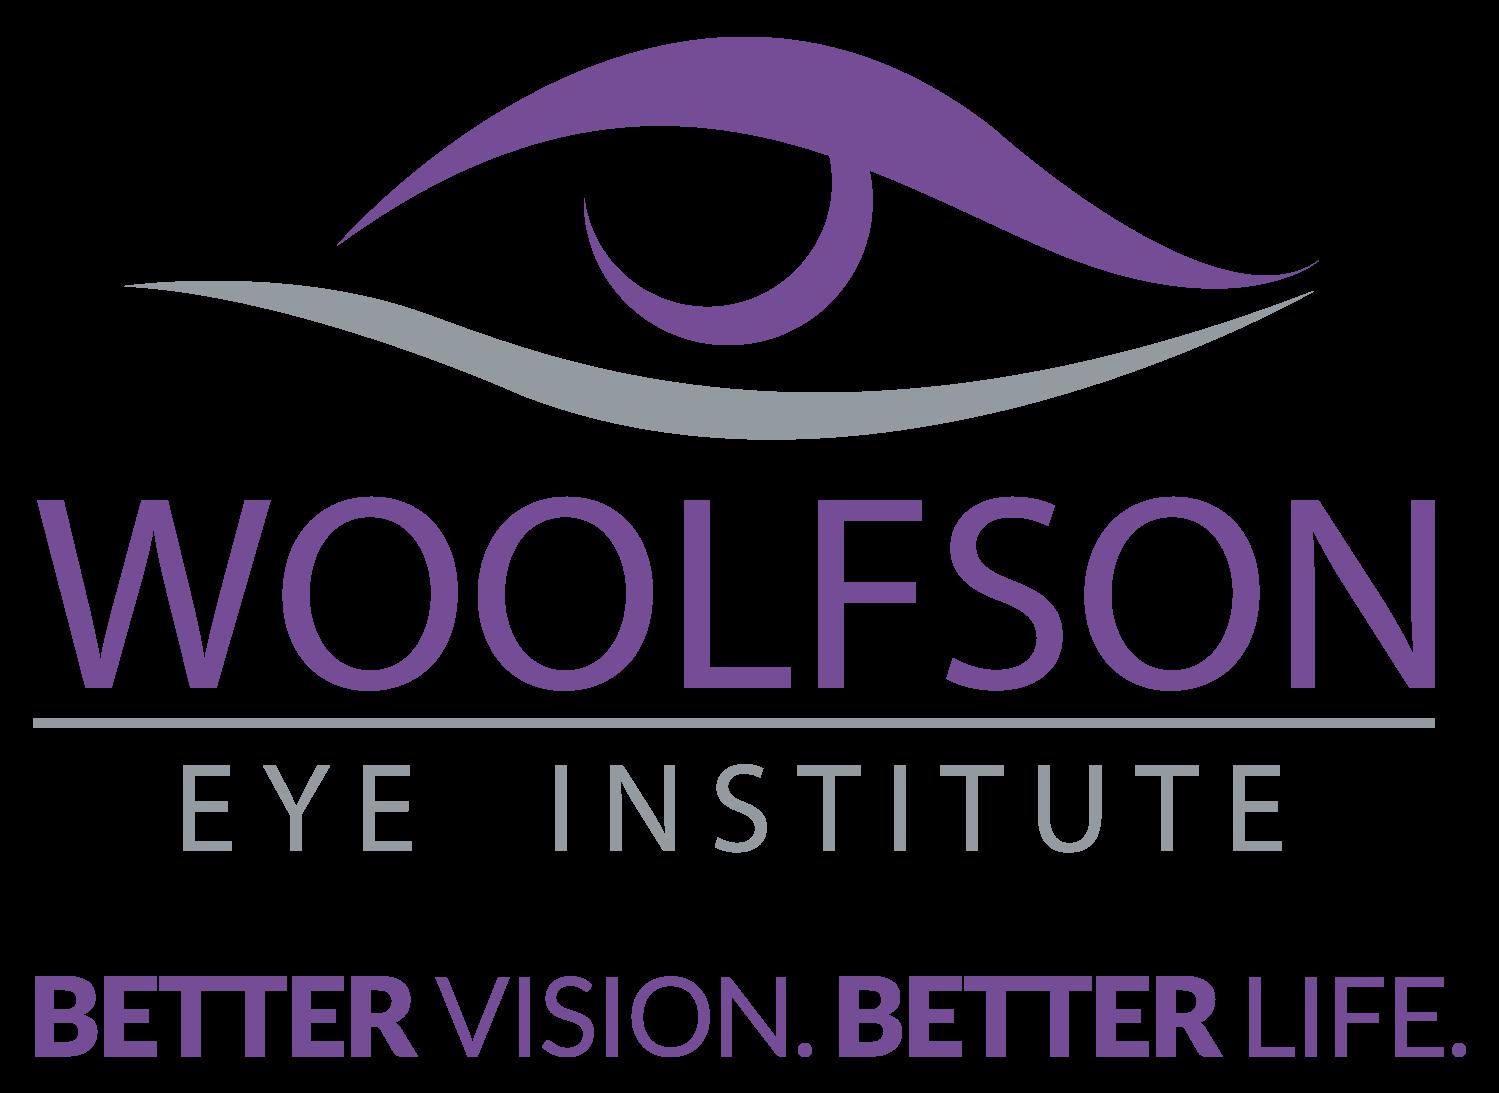 Silver_Woolfson Eye Institute